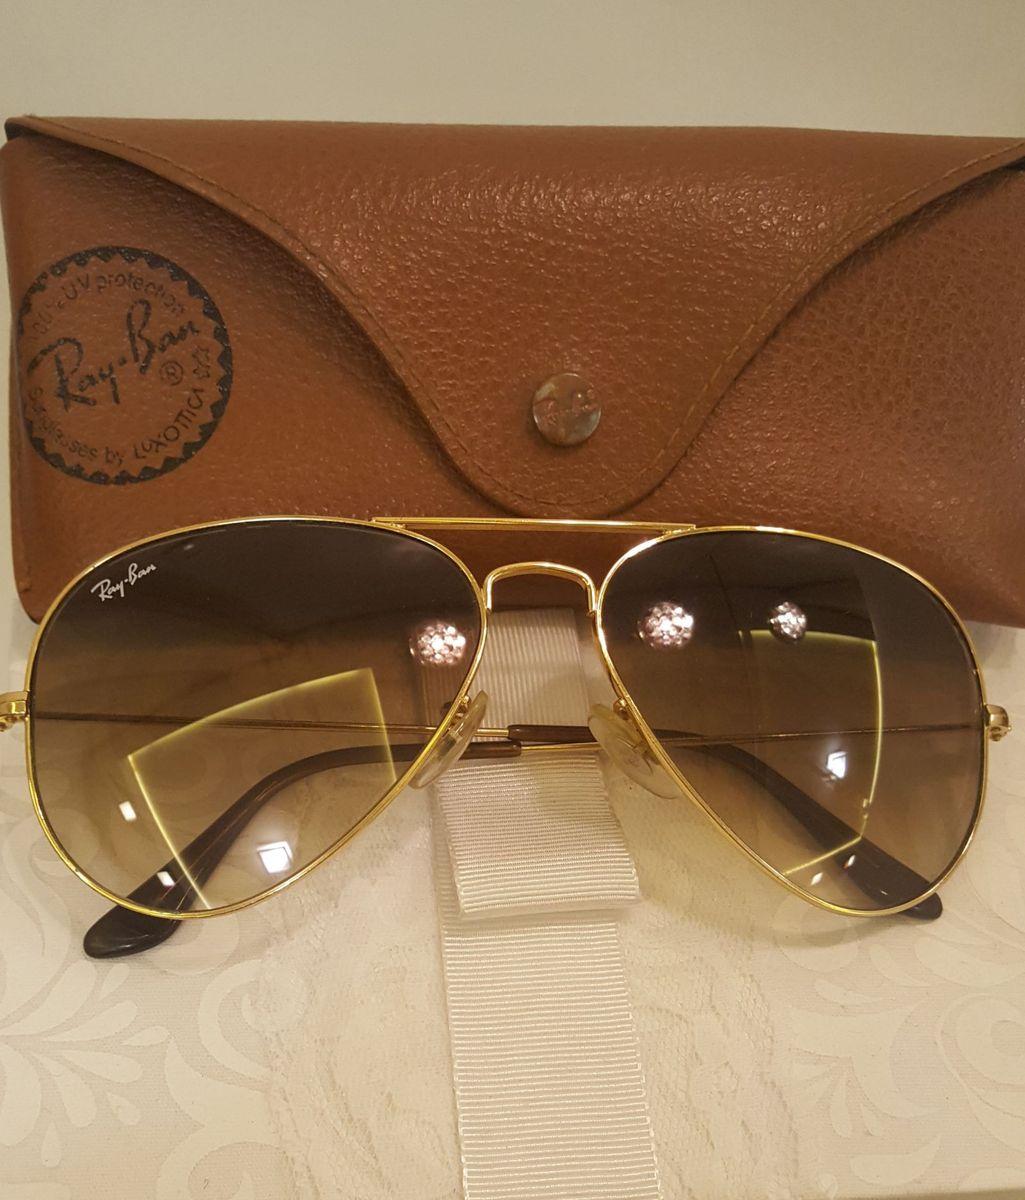 dbf499dd5157f óculos aviador ray ban degrade original rb3025 marrom com armação dourada - óculos  ray-ban